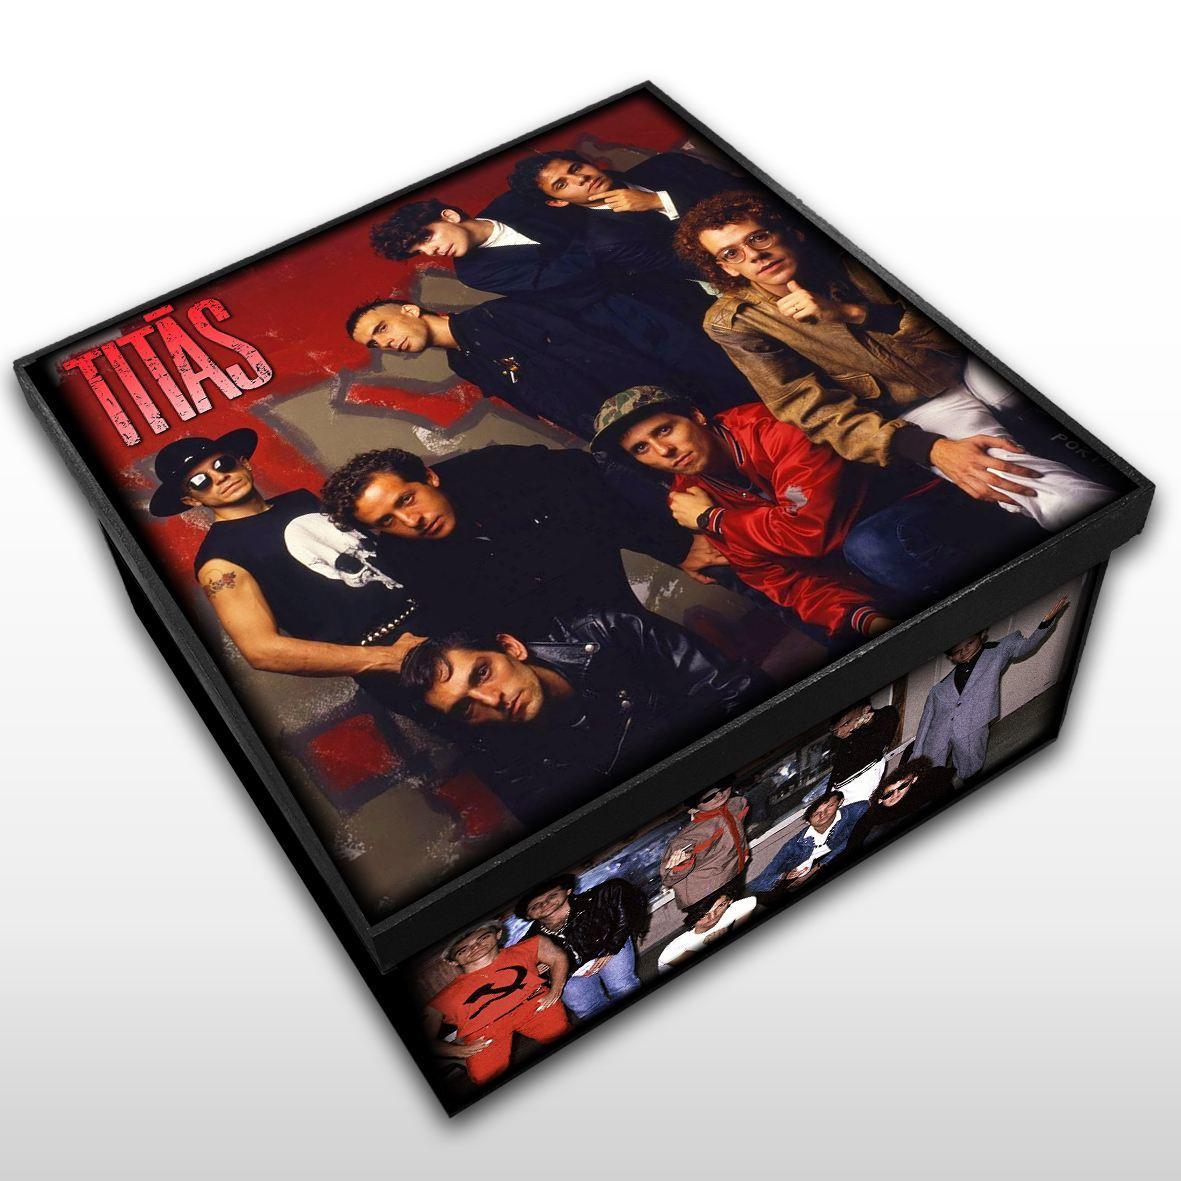 Titãs - Caixa Organizadora em Madeira MDF - Tamanho Médio - Mr. Rock